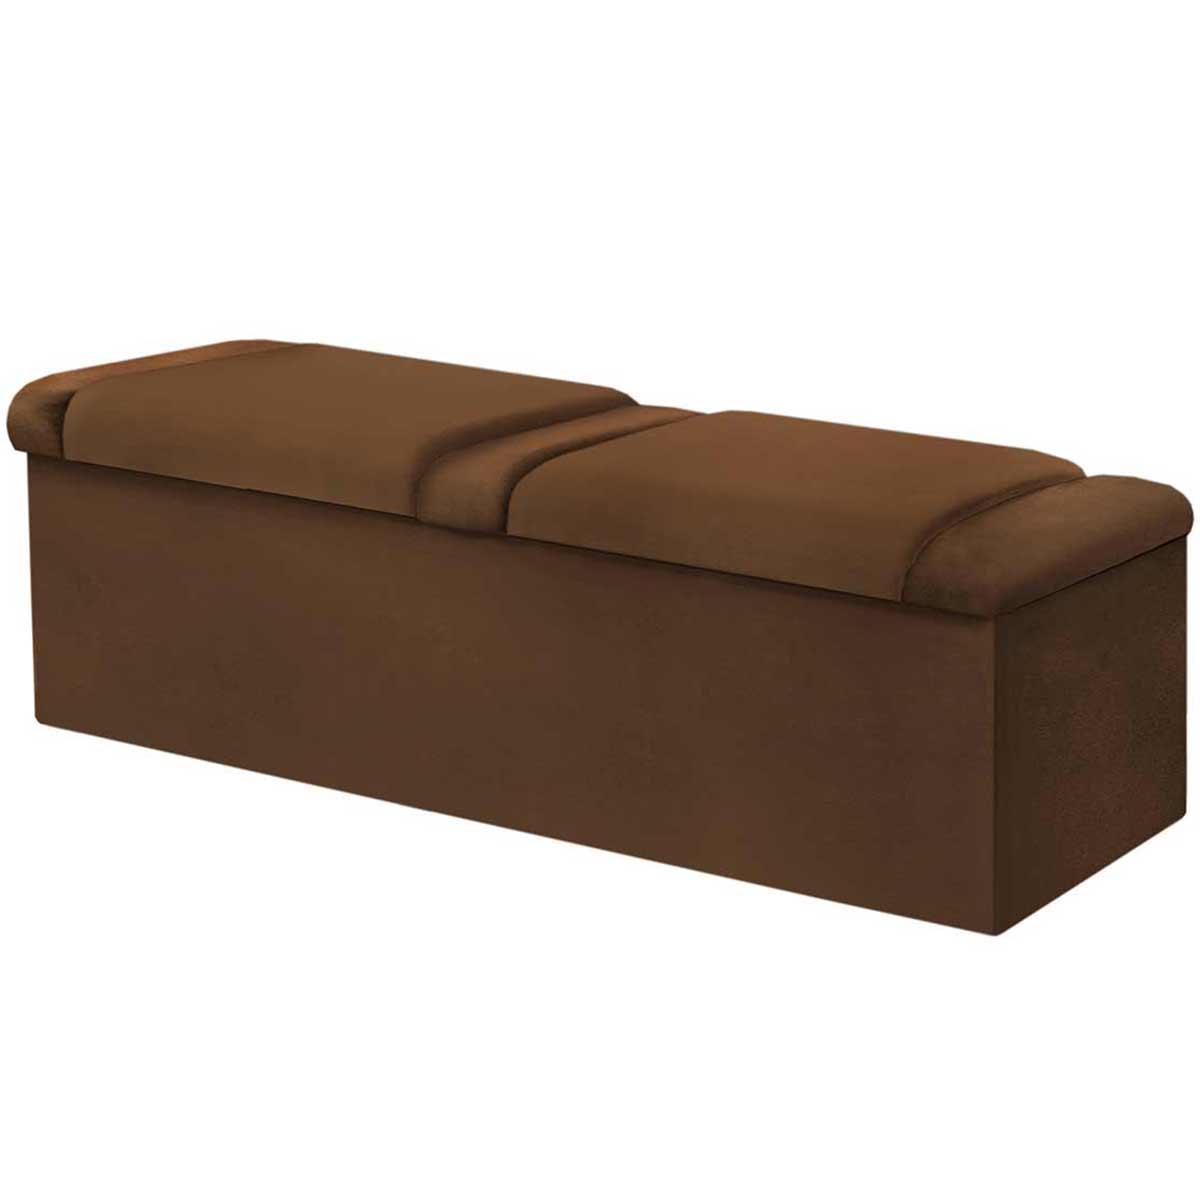 Calçadeira com Baú Duquesa 140 cm Chocolate Simbal